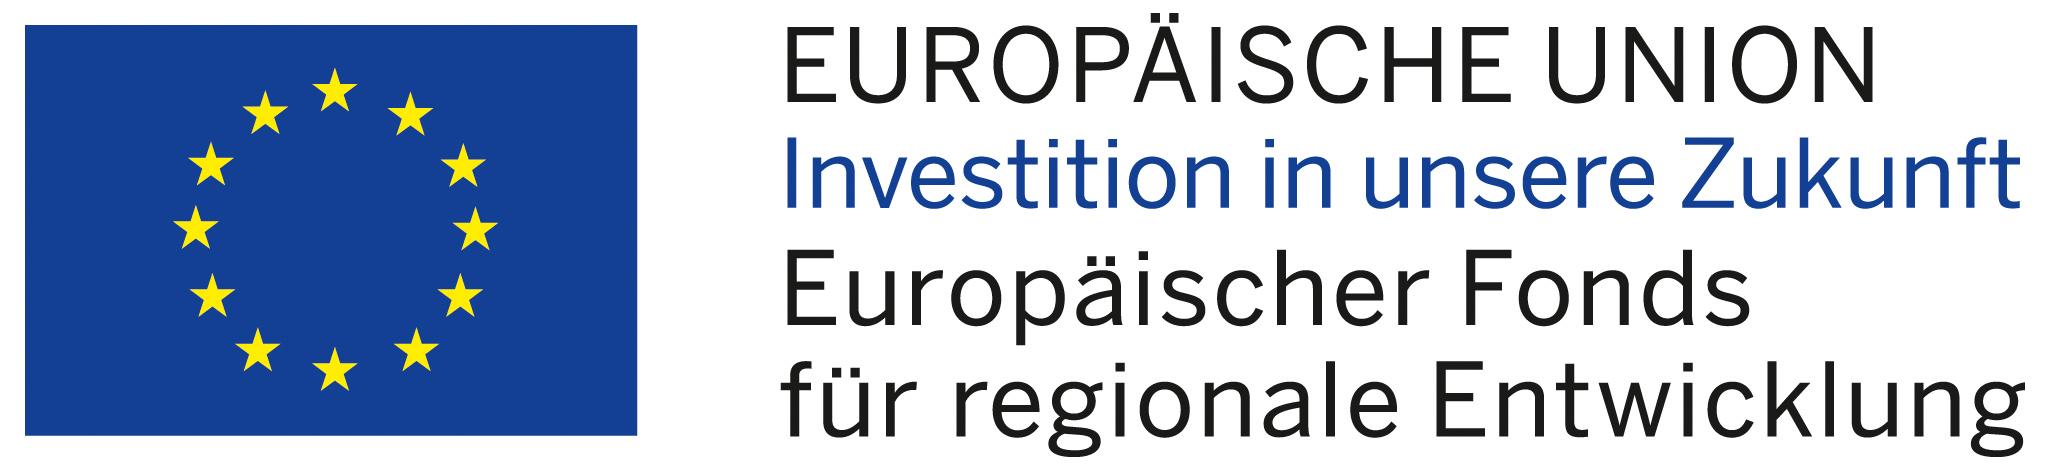 Emblem Europäische Union